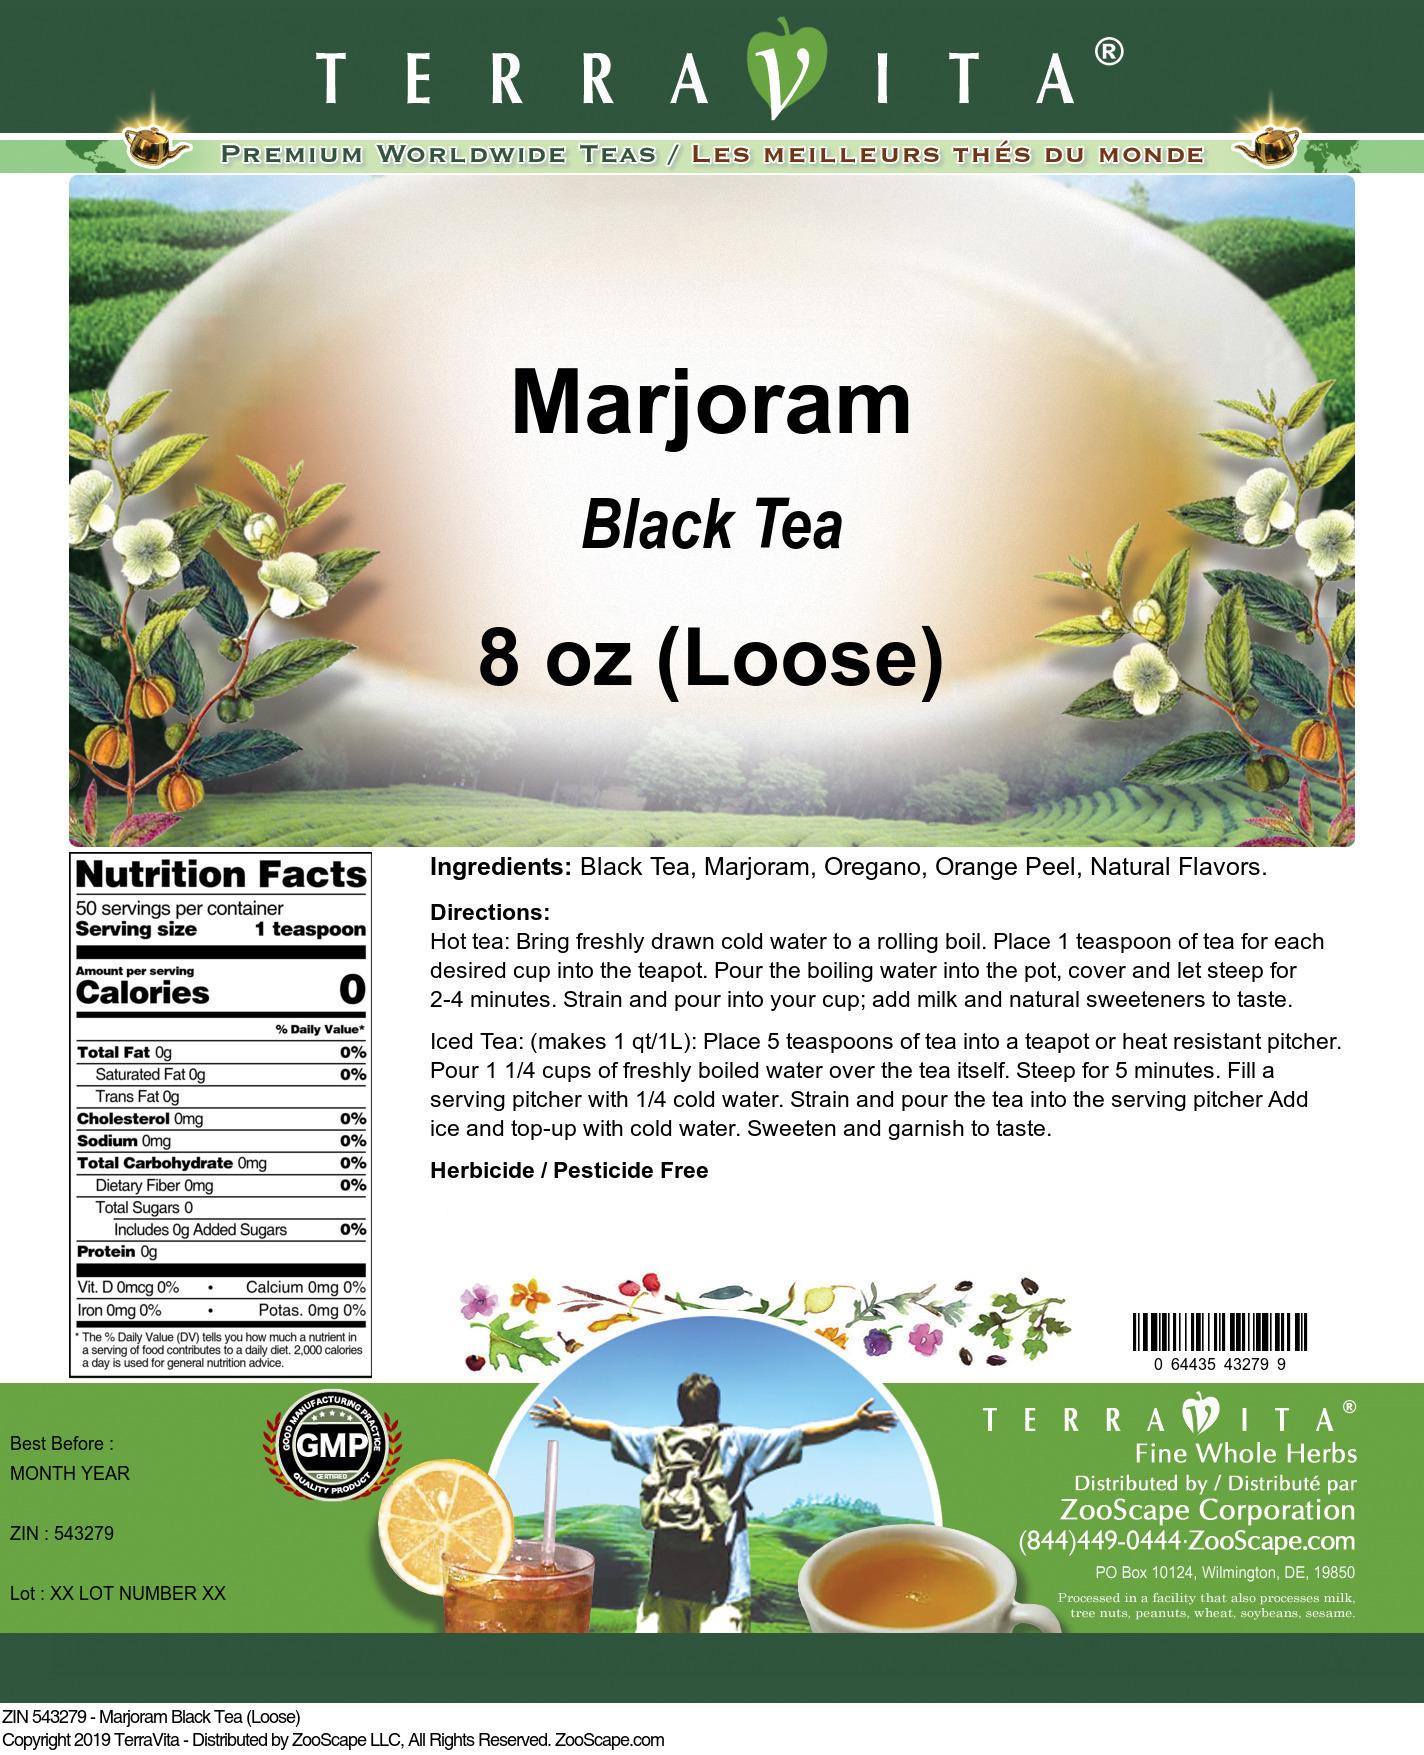 Marjoram Black Tea (Loose)